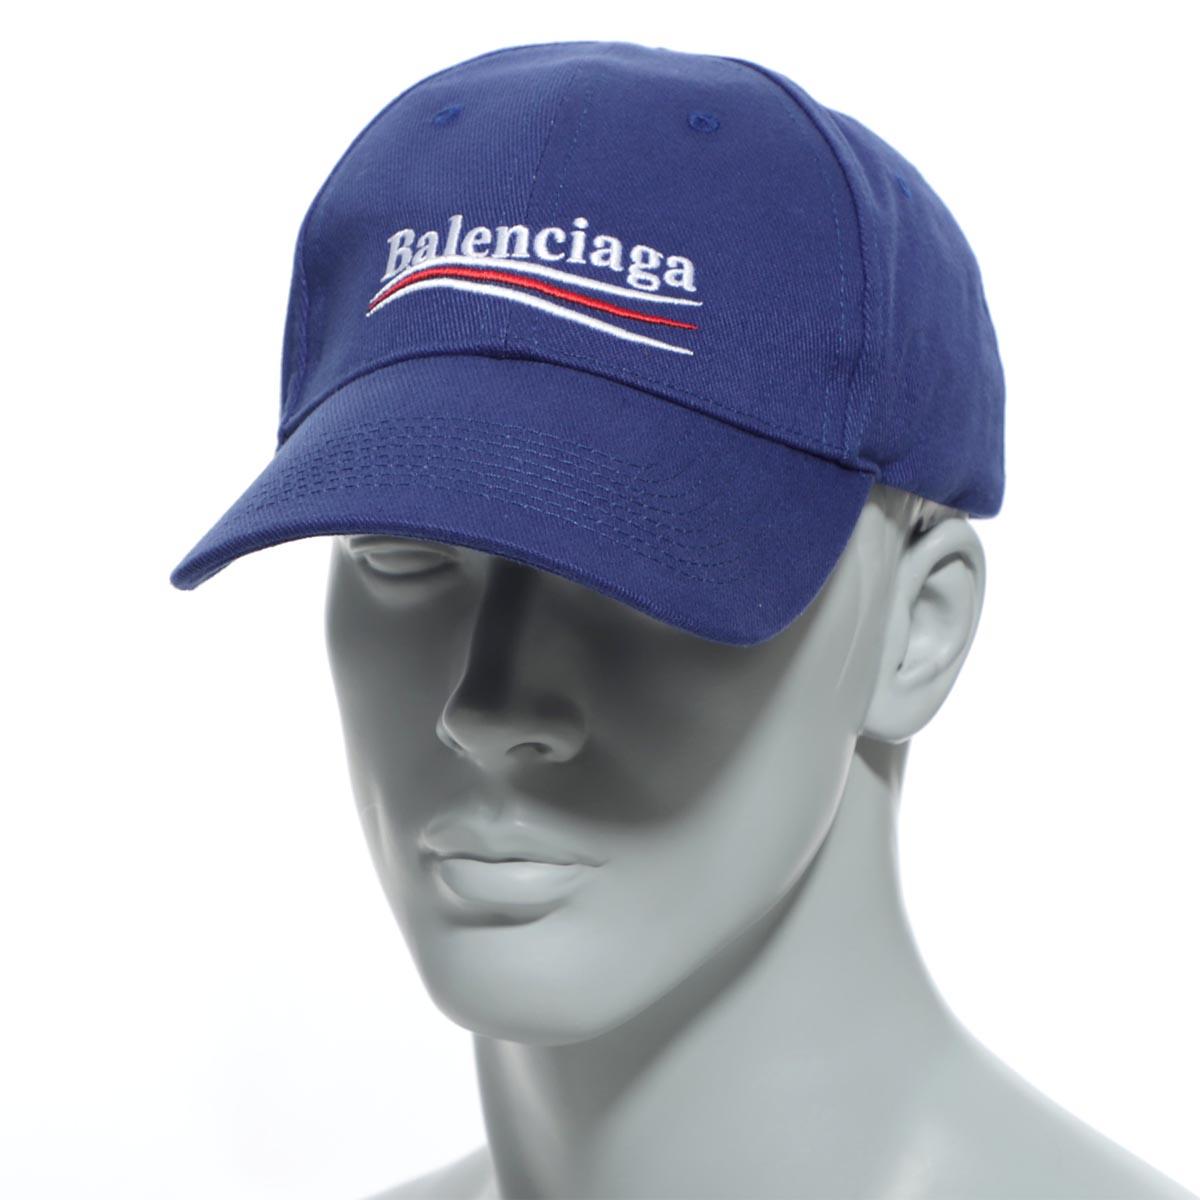 バレンシアガ BALENCIAGA ベースボールキャップ ブルー メンズ 帽子 スポーツ 野球 カジュアル 561018 410b2 4277 HAT POLITICAL BASEBALL CAP【あす楽対応_関東】【返品送料無料】【ラッピング無料】